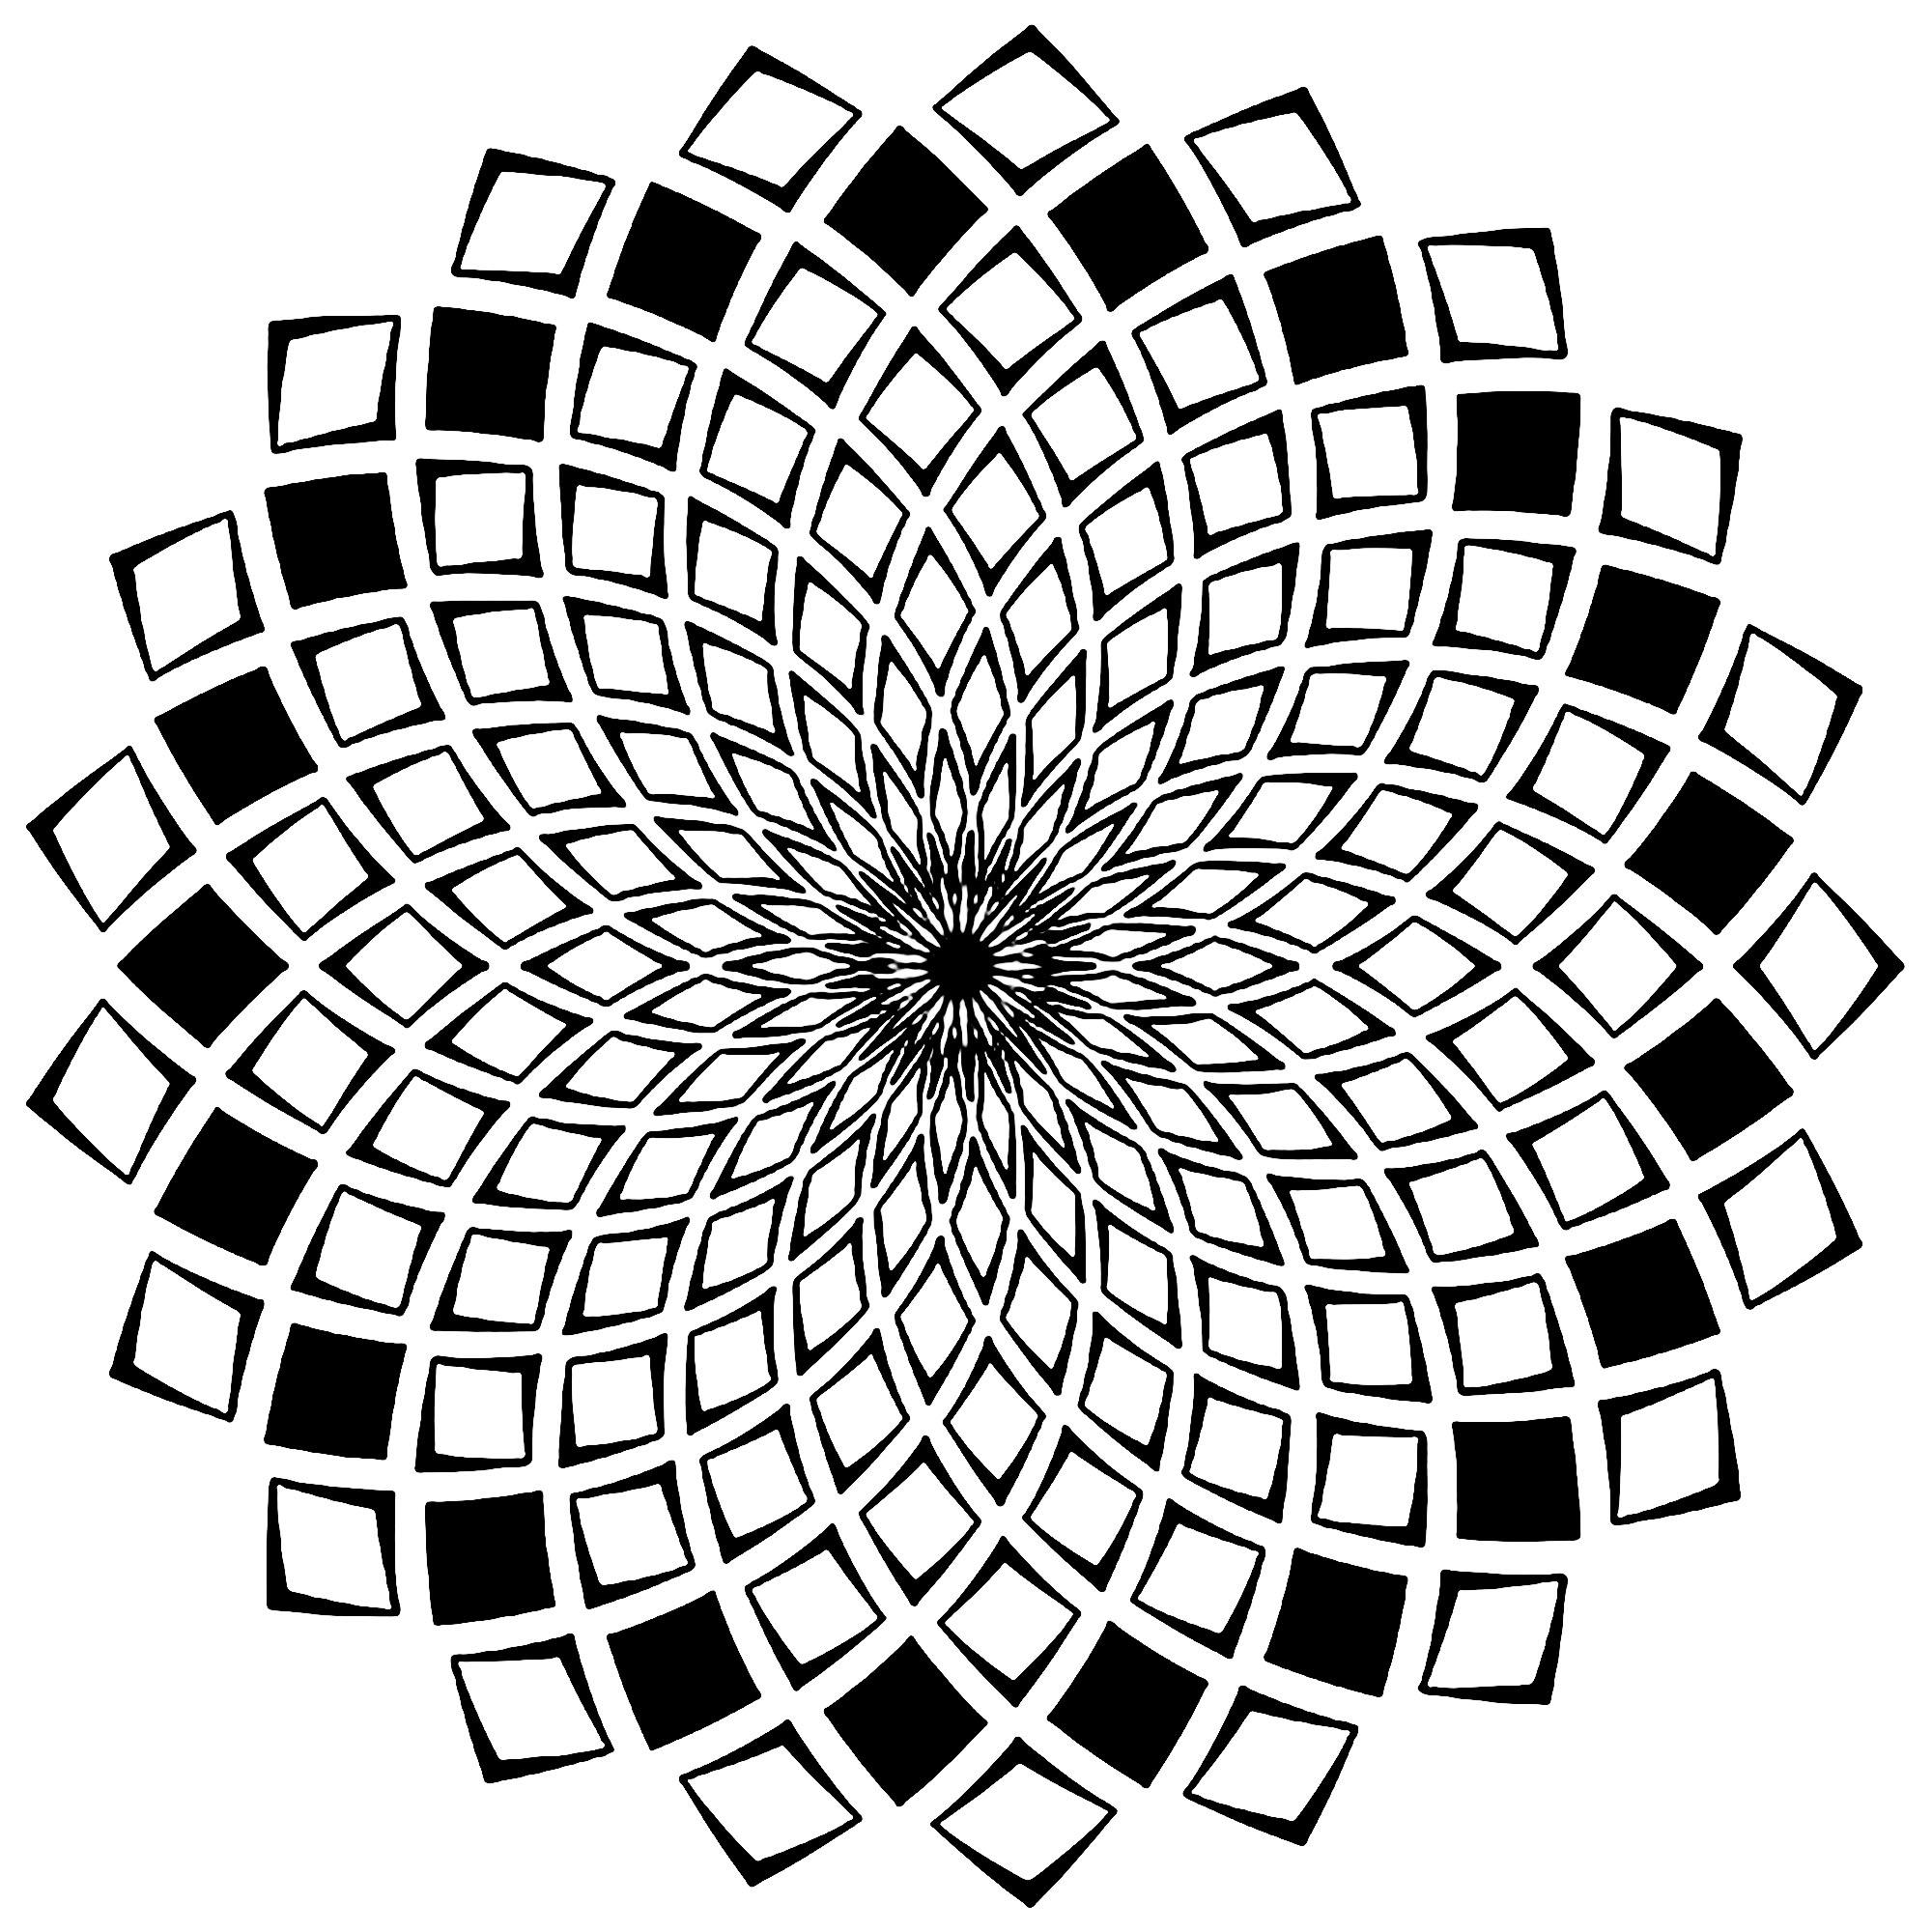 mandala complex squares difficult mandalas for adults 100